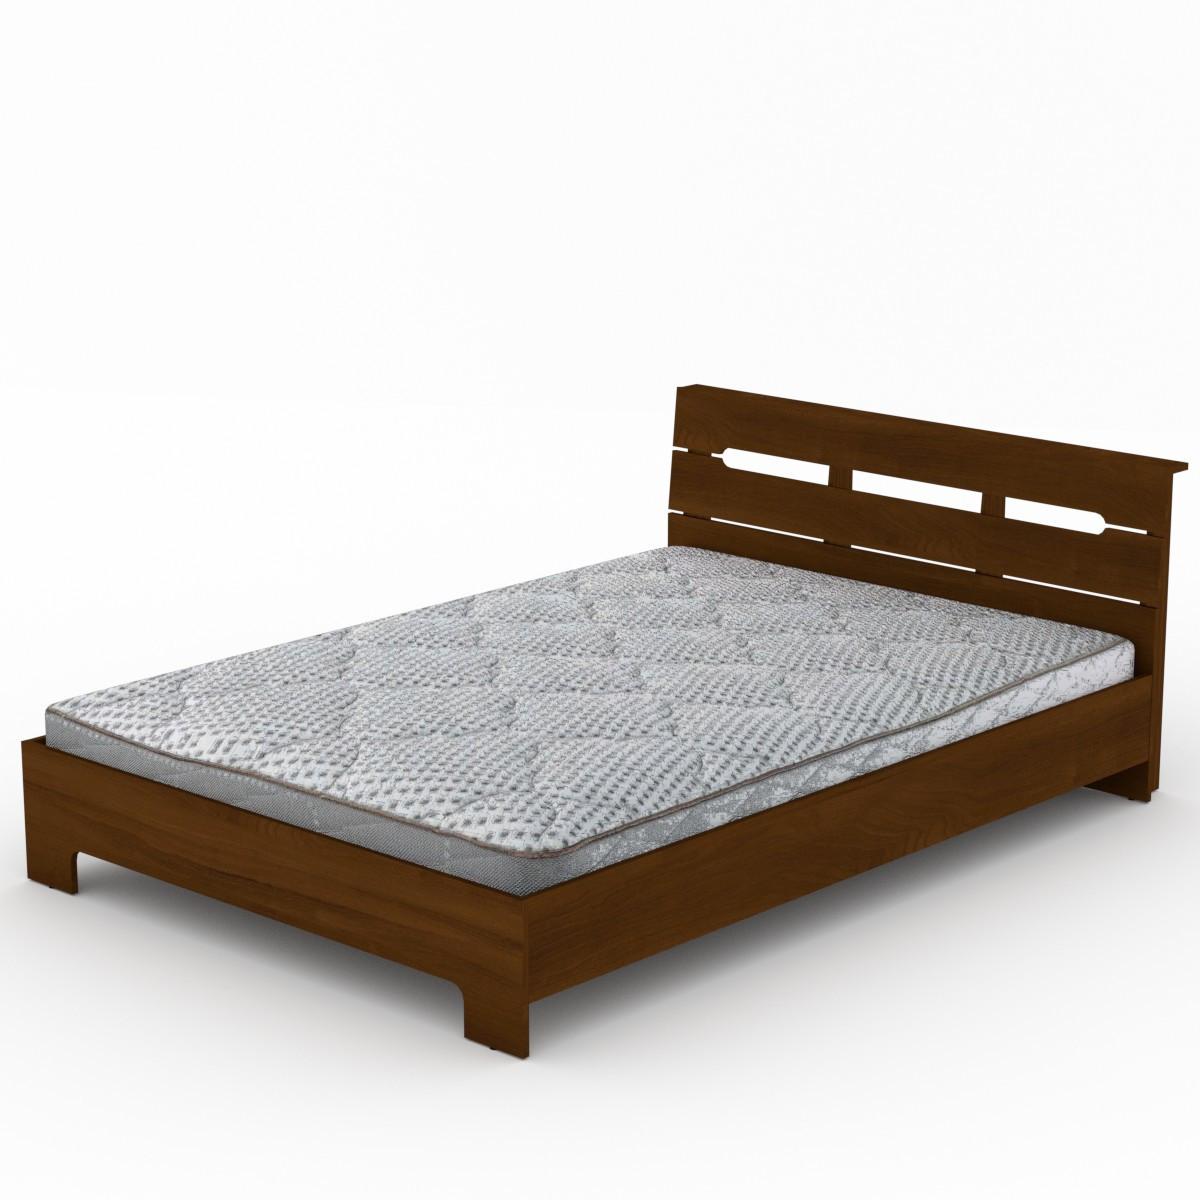 Кровать с матрасом 140 Стиль орех экко Компанит (144х213х77 см)